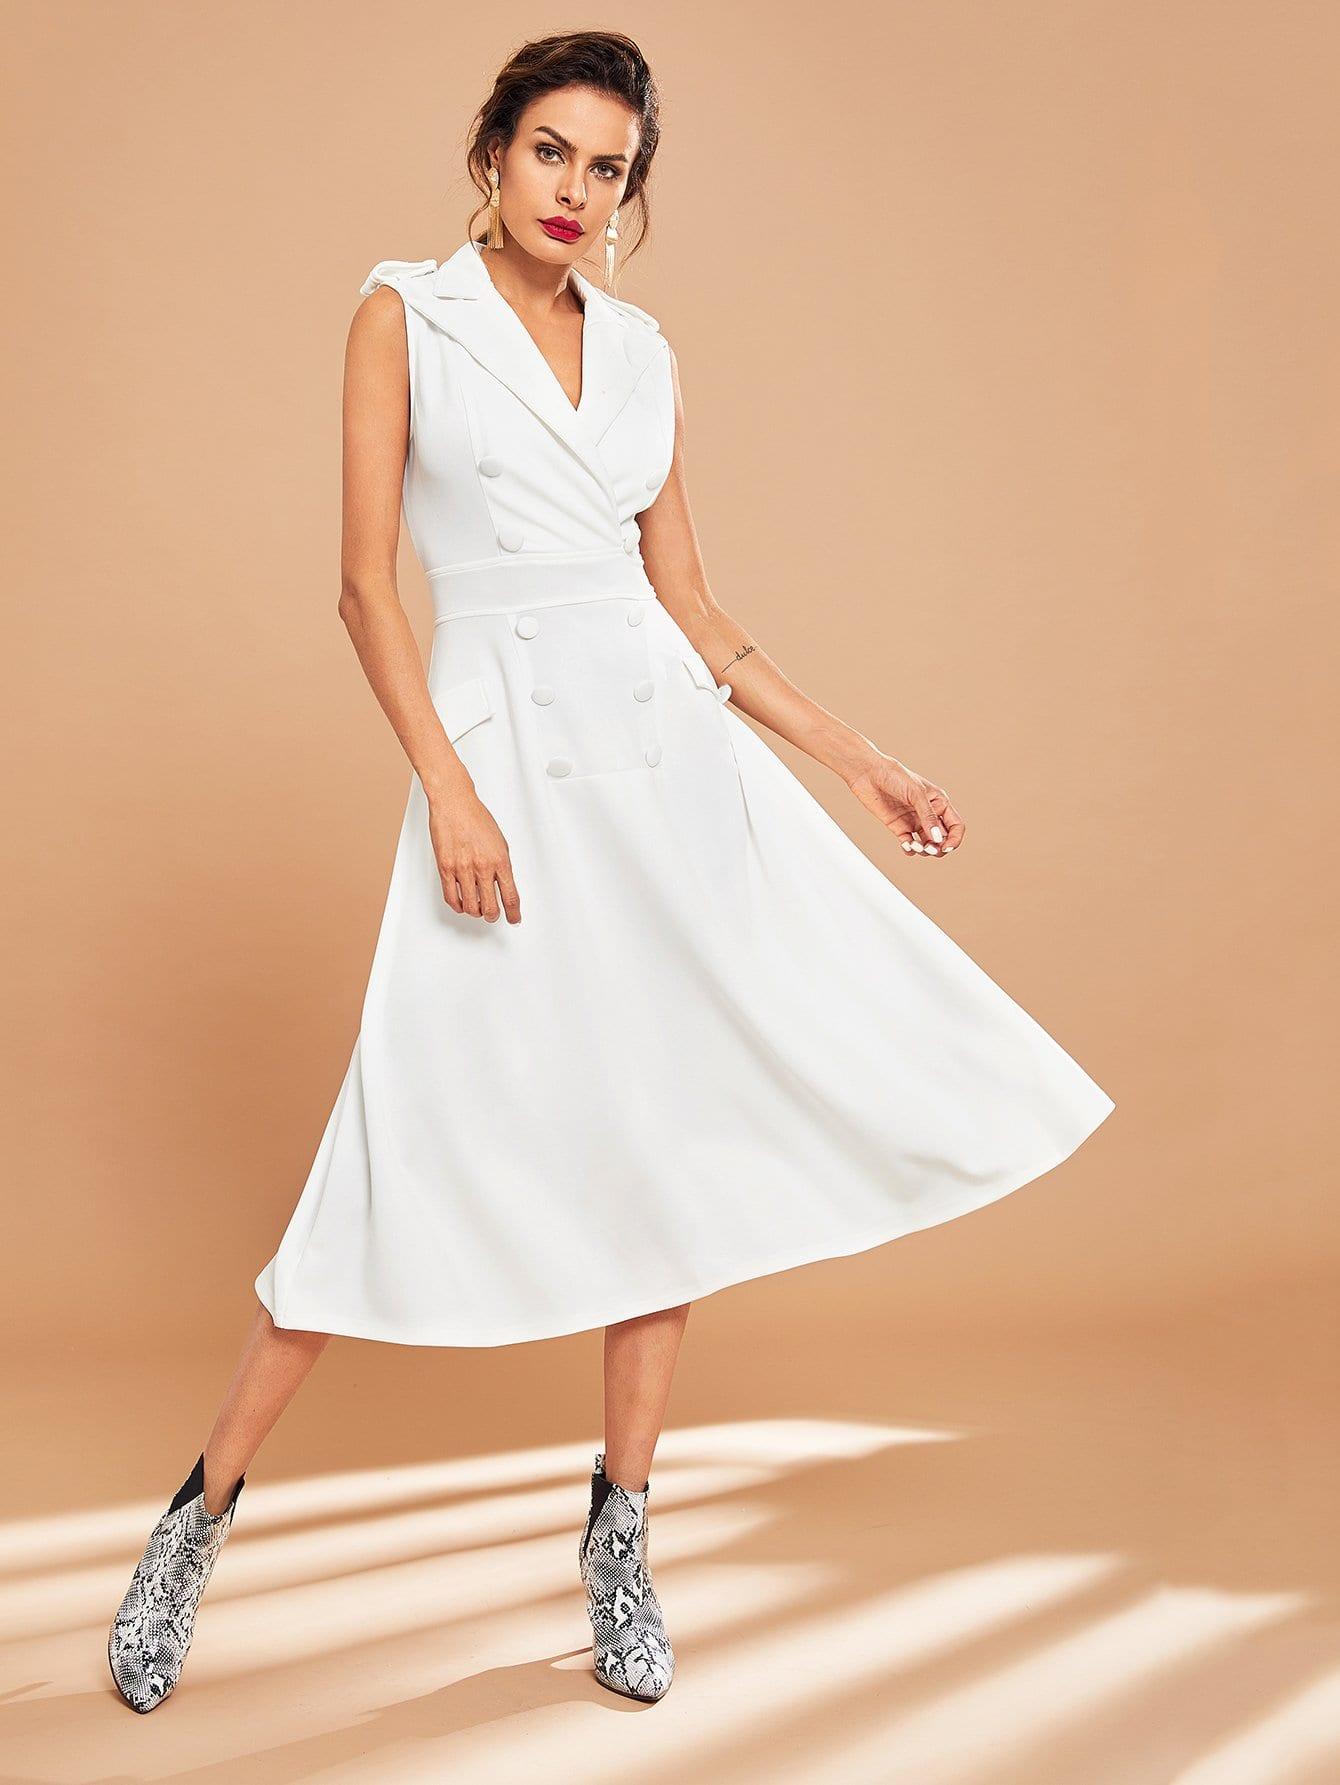 Купить Двубортное платье с зубчатым воротником с карманом, Andy, SheIn